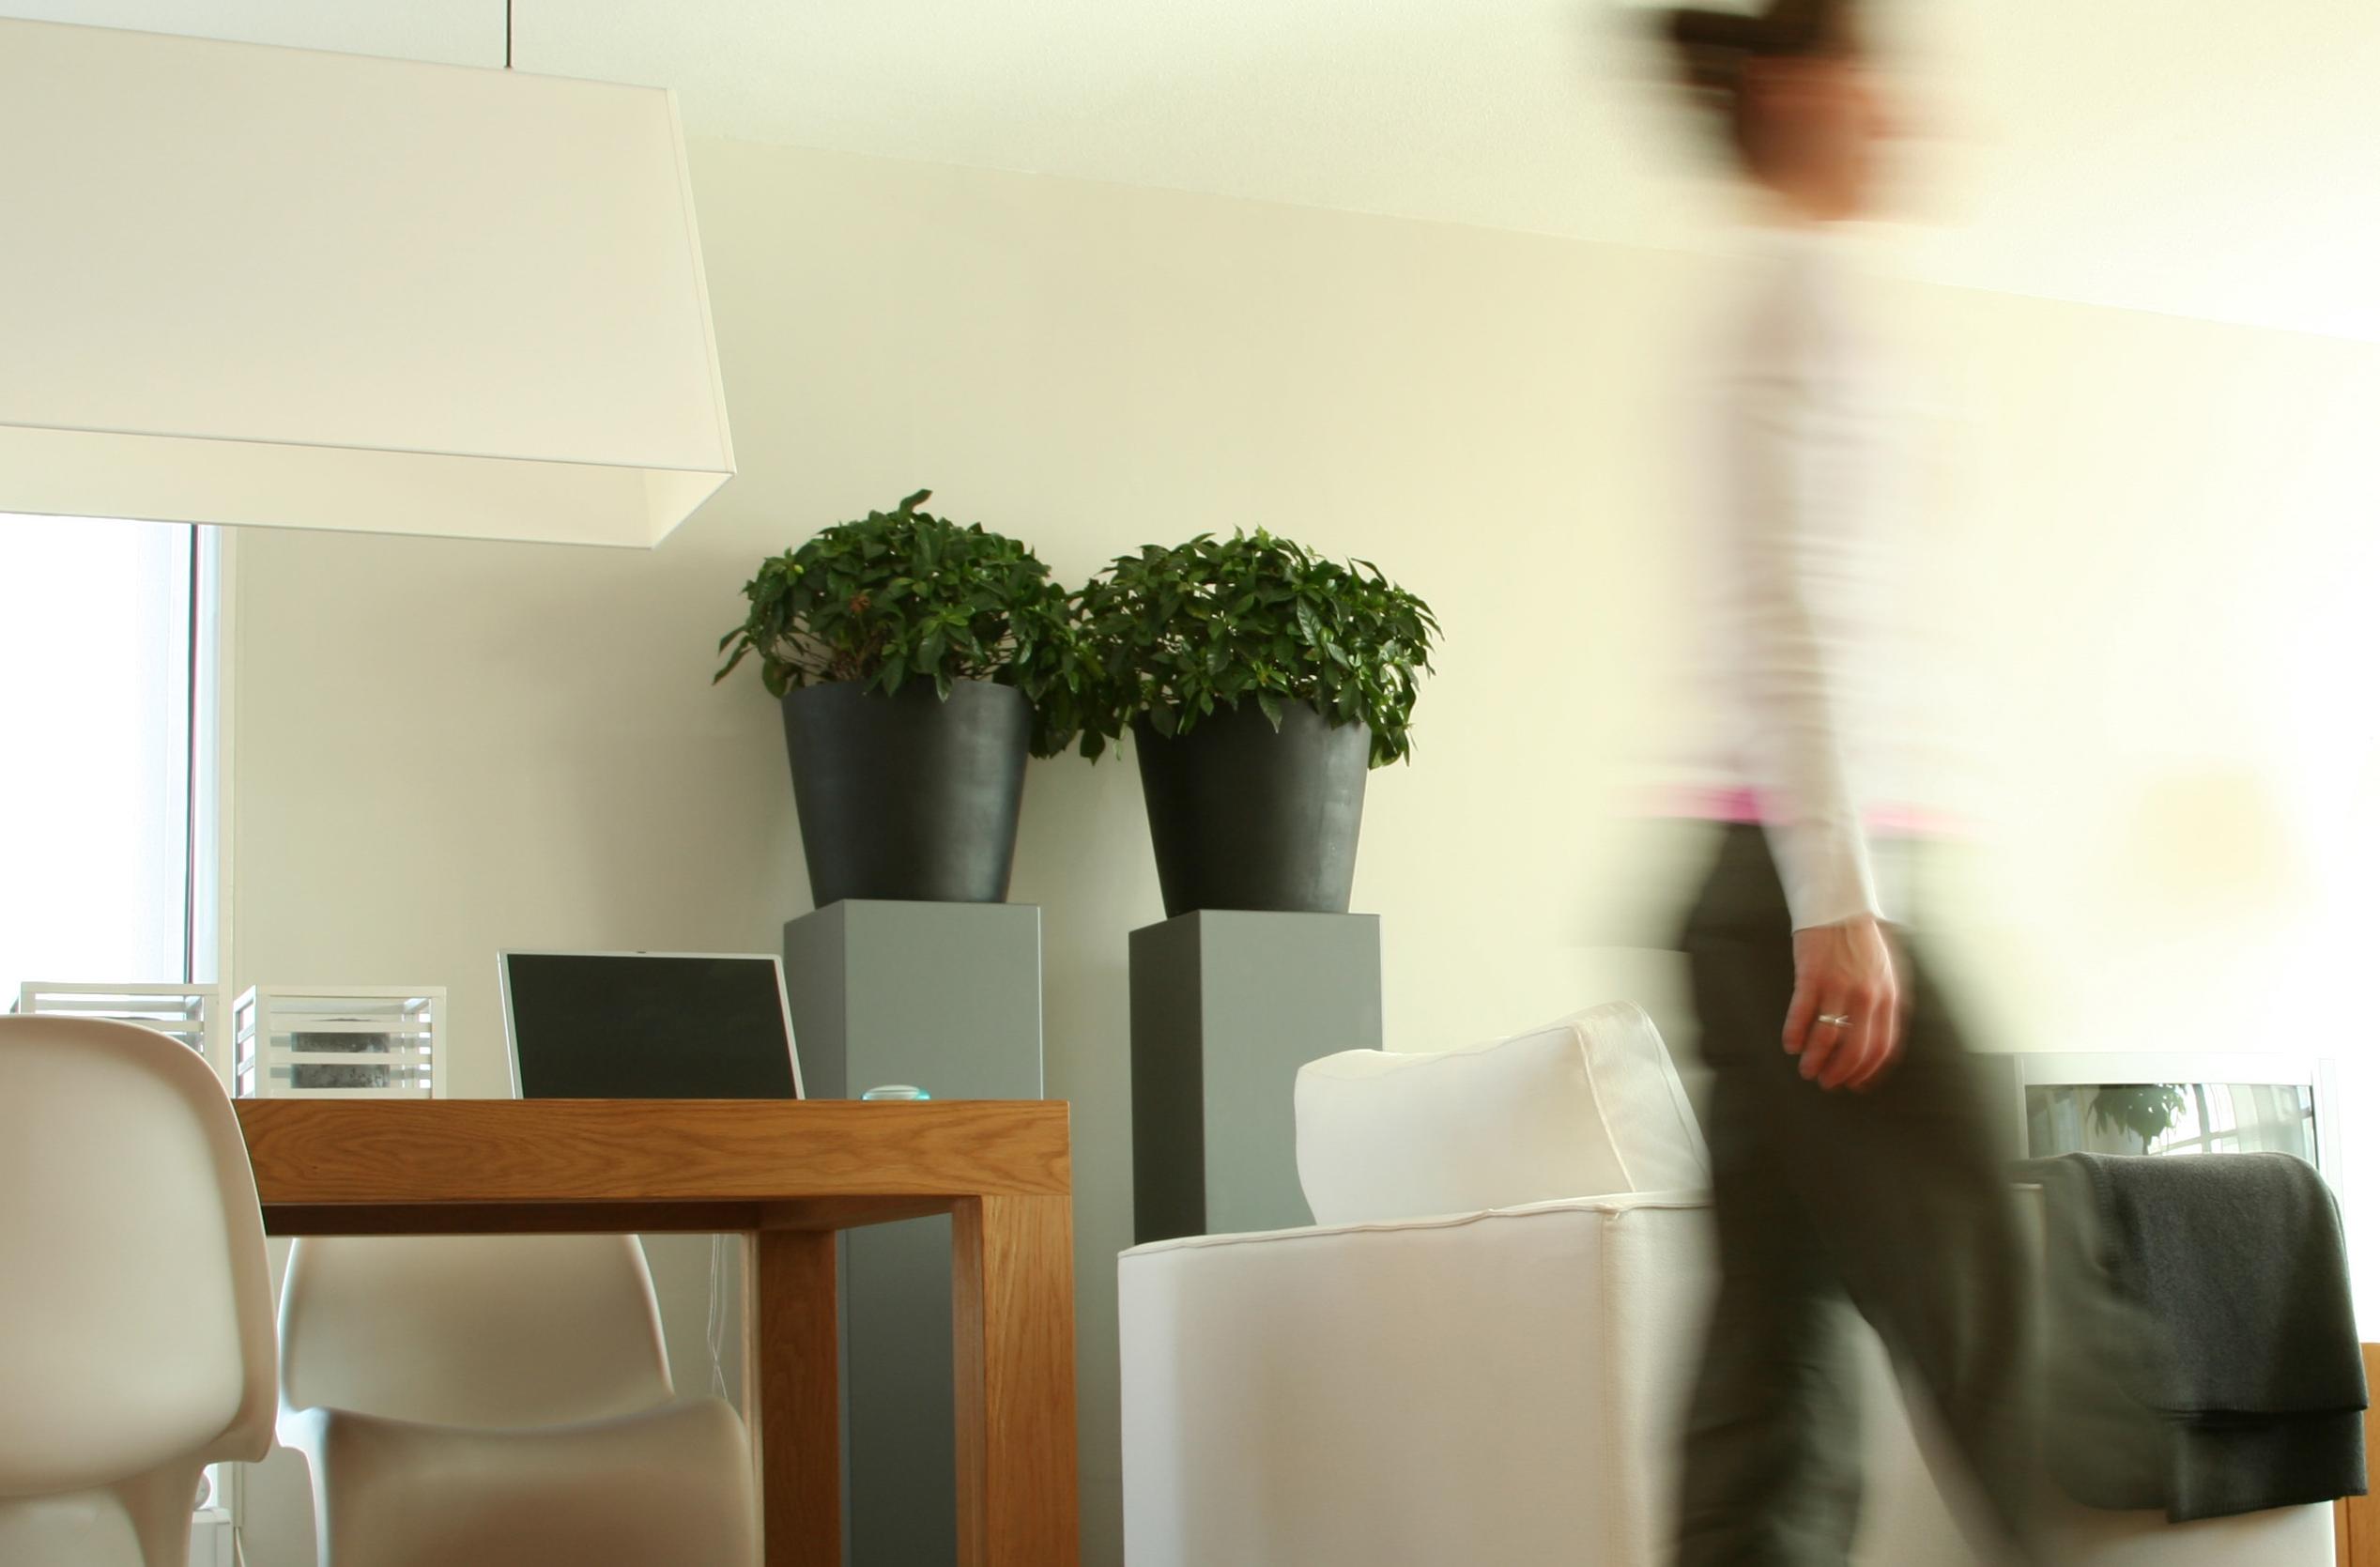 De juiste plant kiezen voor je woonkamer - 123INTERIEURBLOG